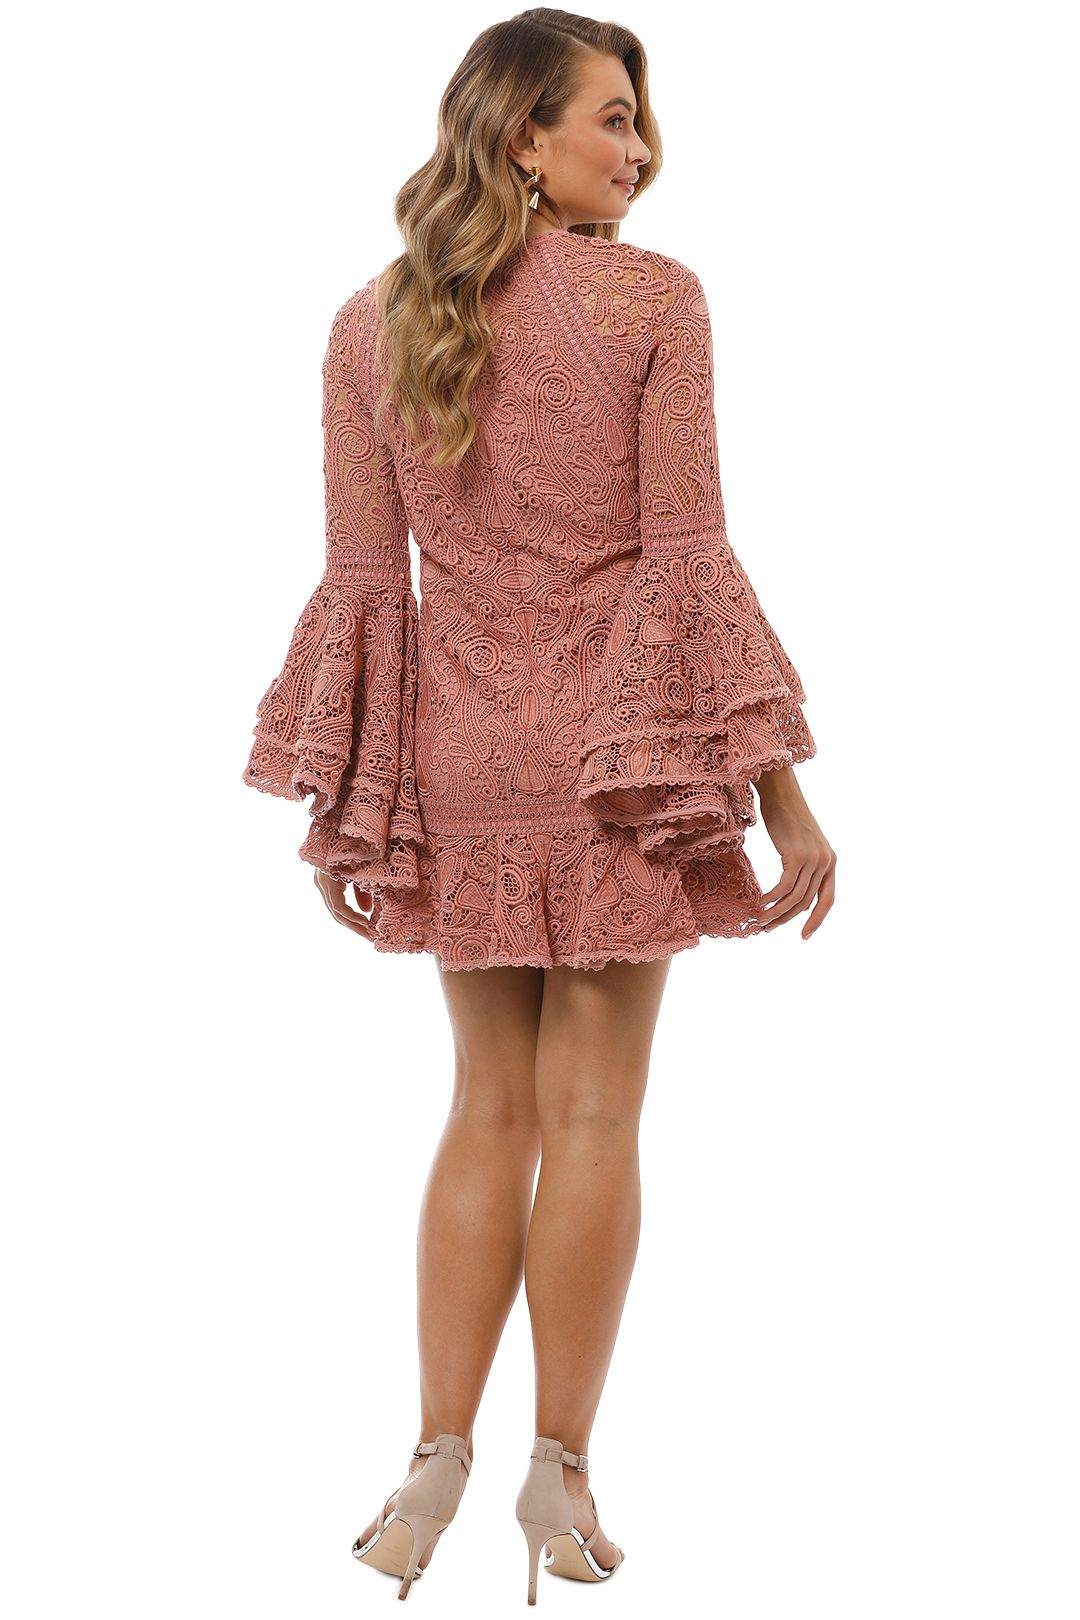 Alexis - Veronique Dress - Pink - Back